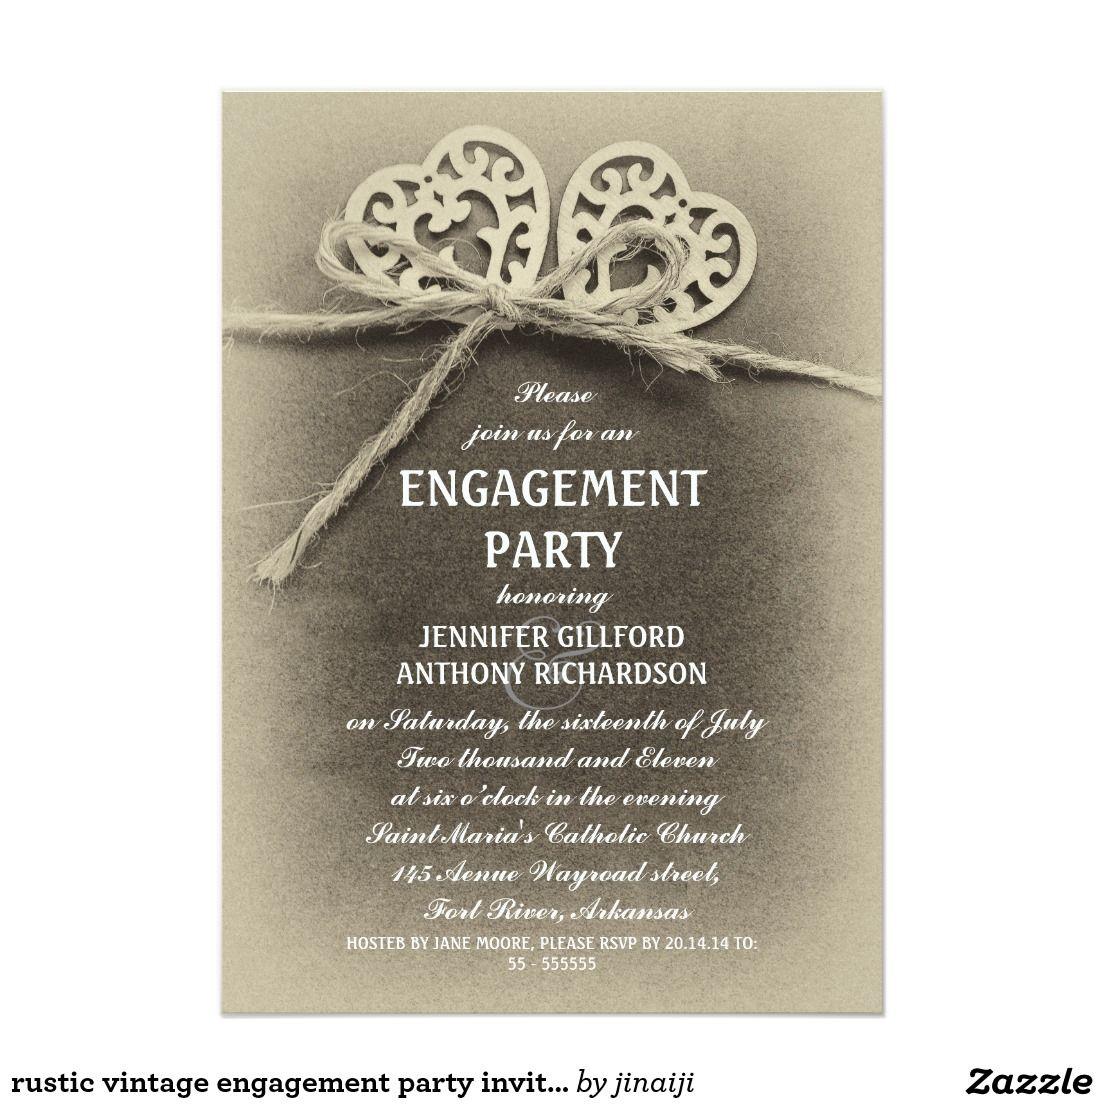 Rustic vintage engagement party invitation | Vintage engagement ...